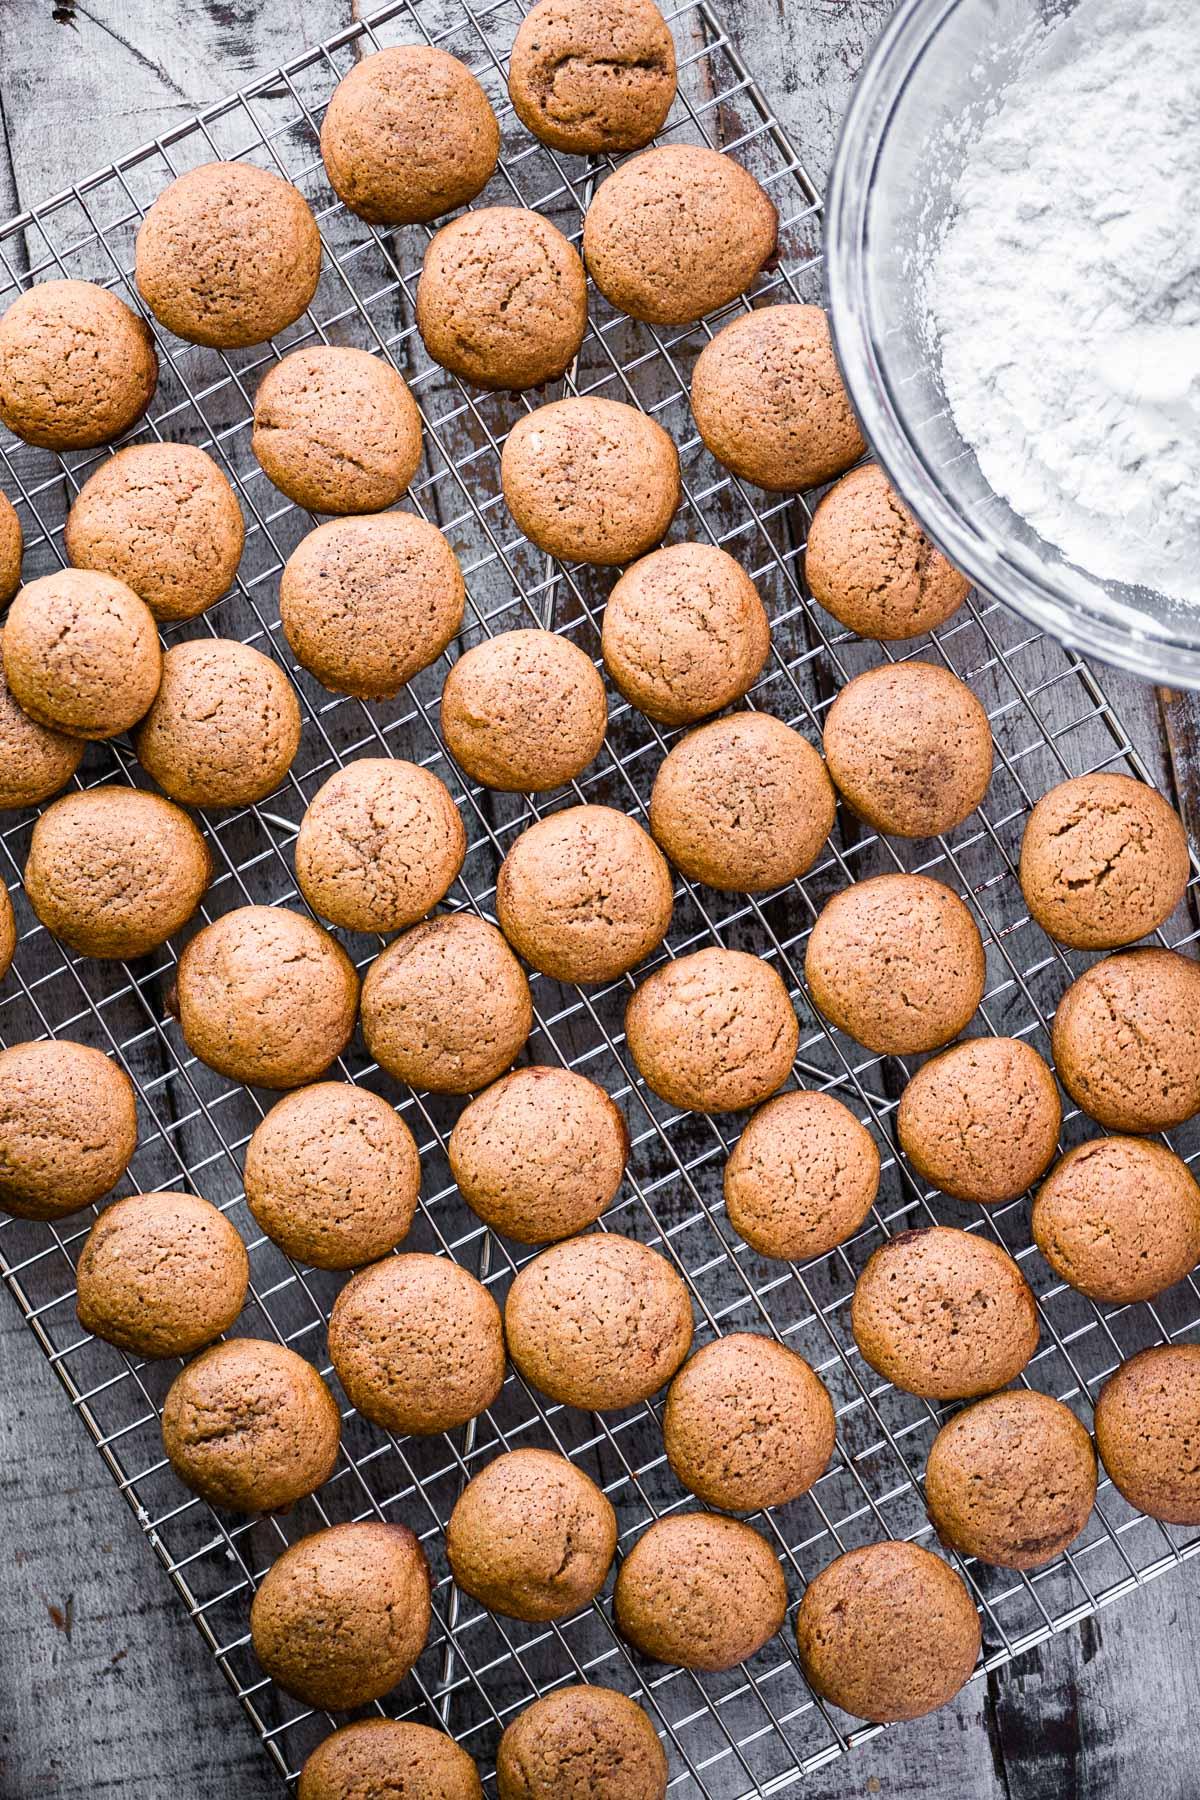 pfeffernusse cookies on a cooling rack